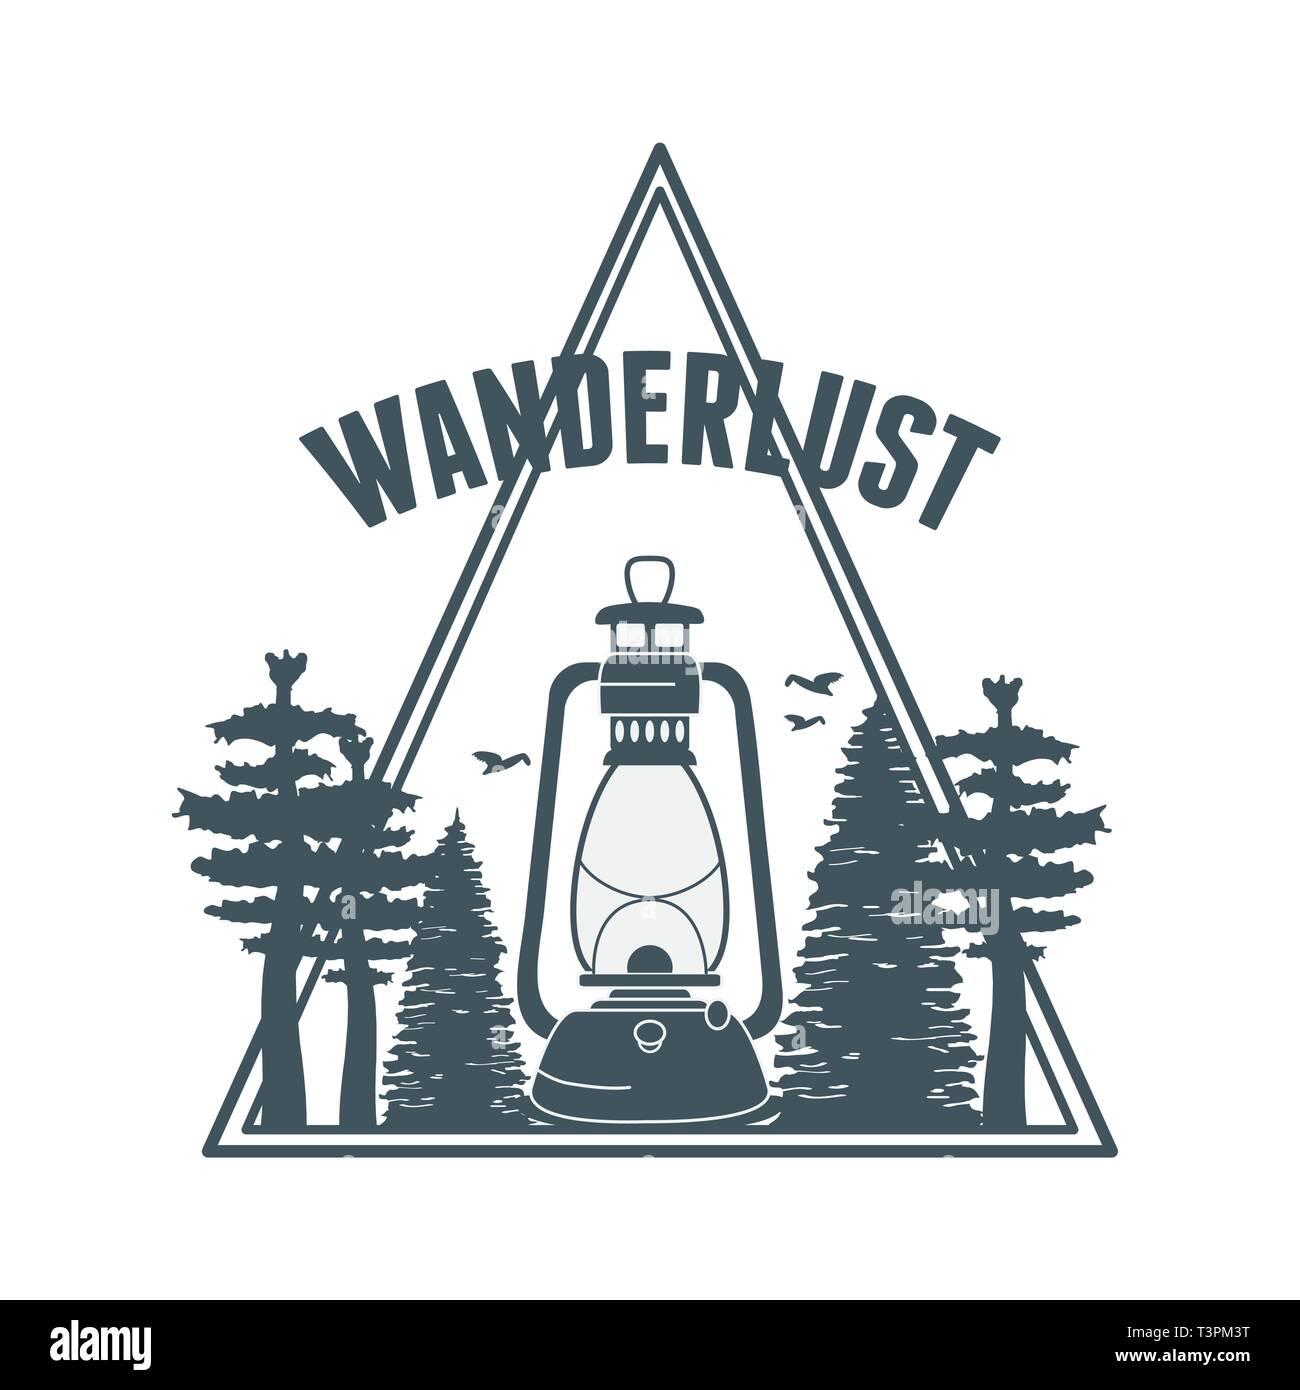 wanderlust label with forest scene and kerosene lamp vector illustration design - Stock Vector